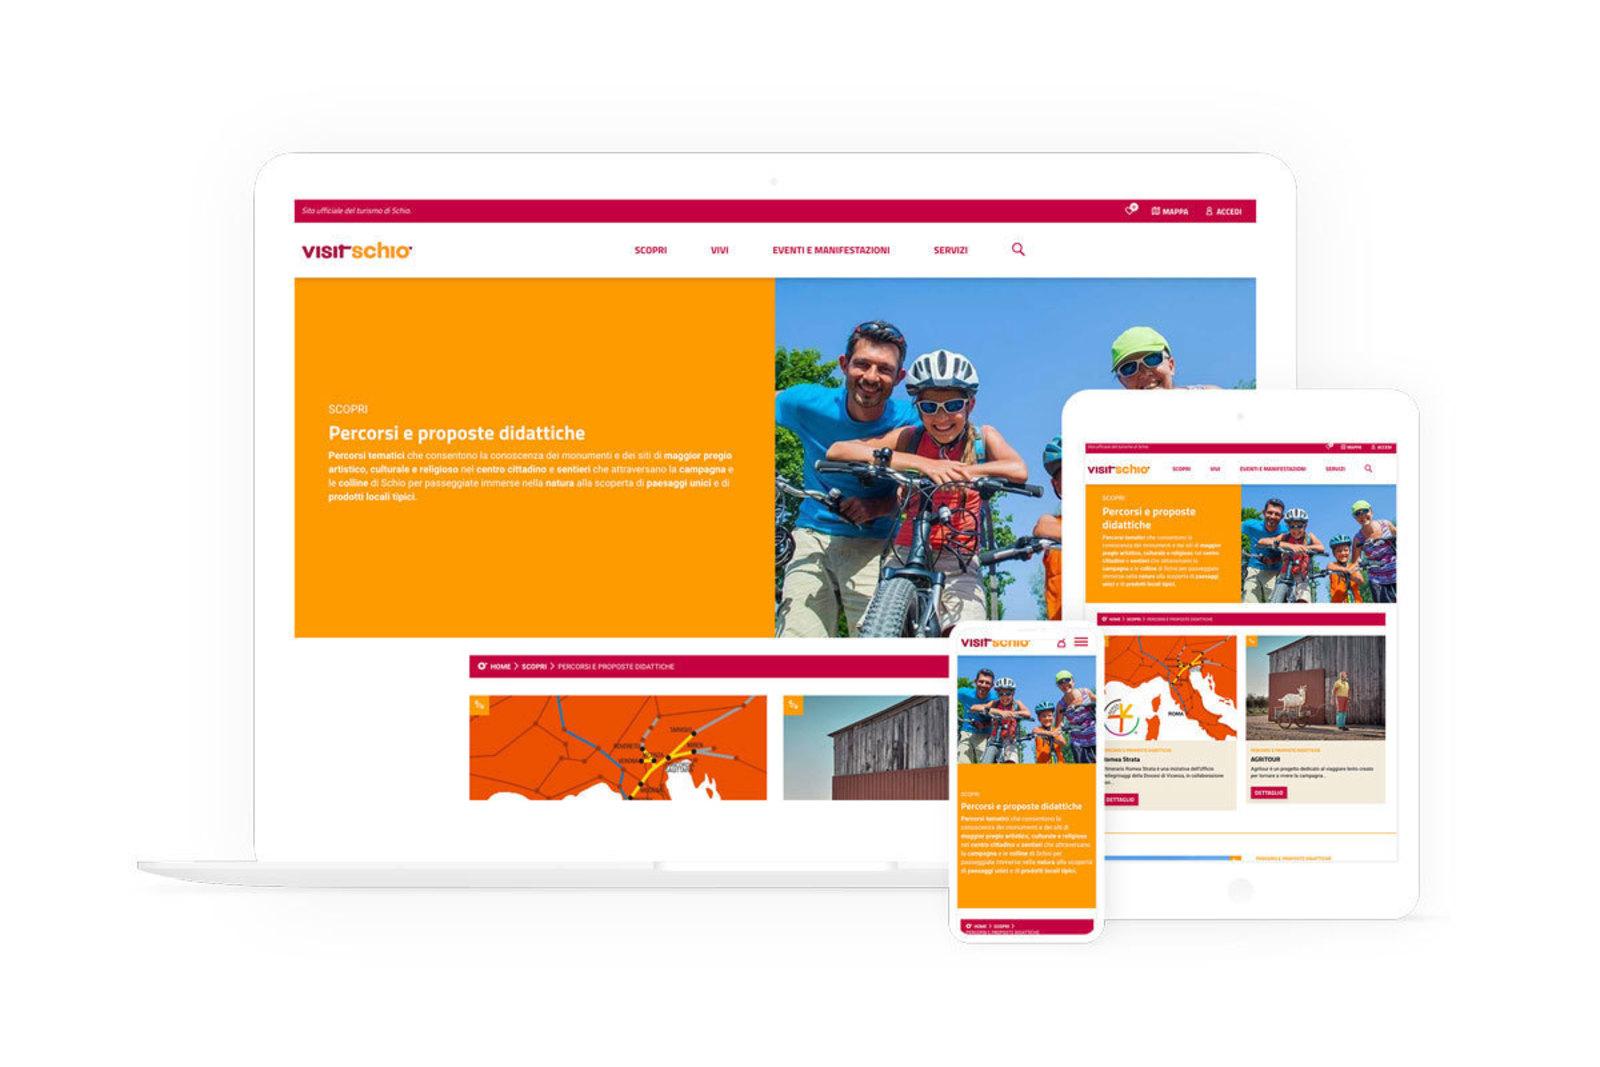 Vari dispositivi che mostrano il sito nella sua versione mobile, tablet e desktop